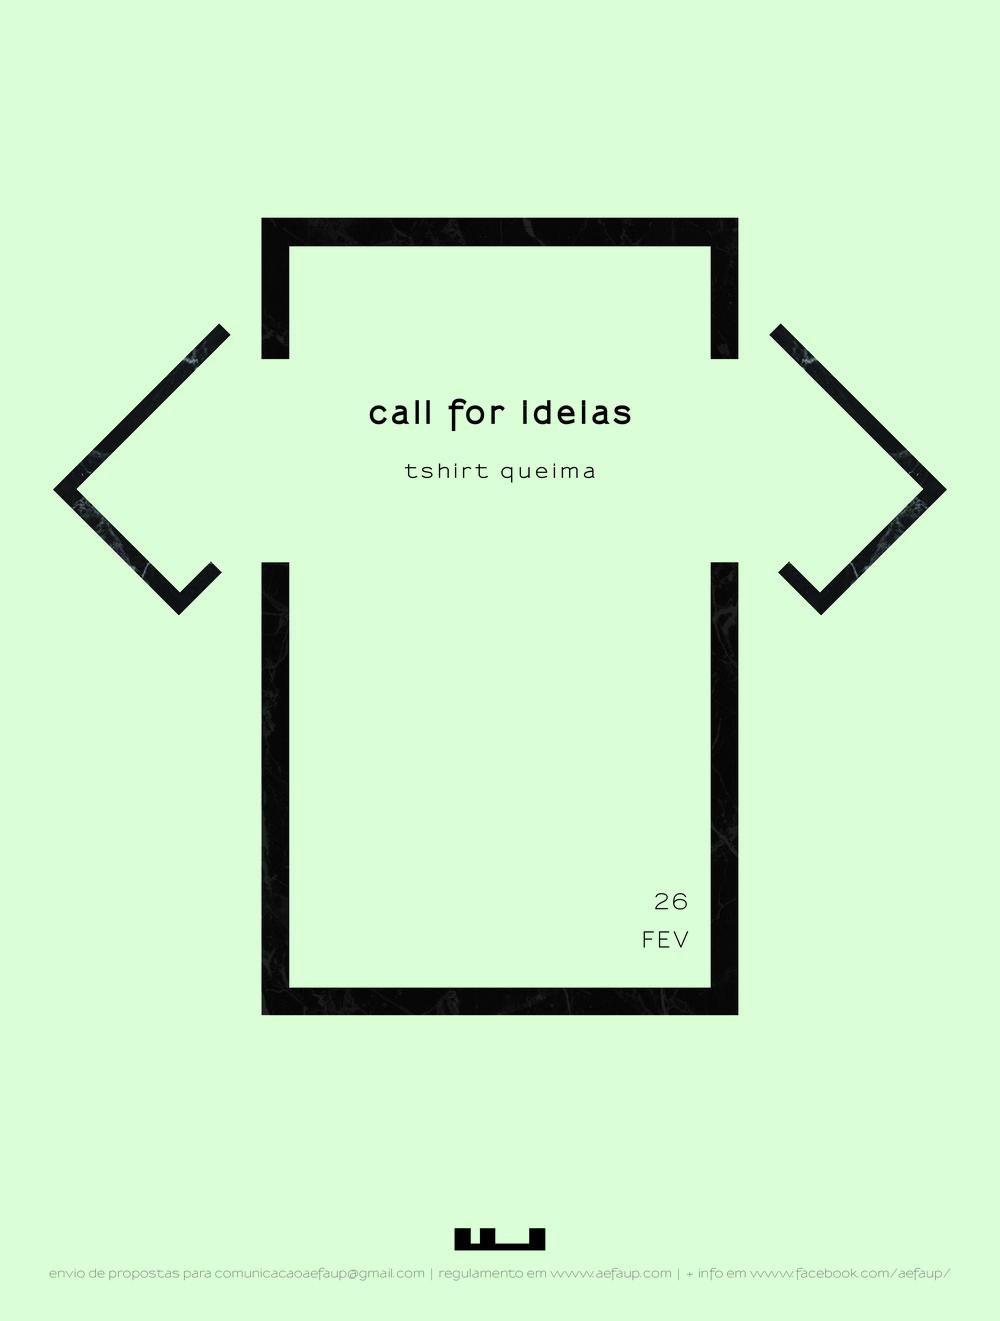 CALL FOR IDEIAS | TSHIRT QUEIMA